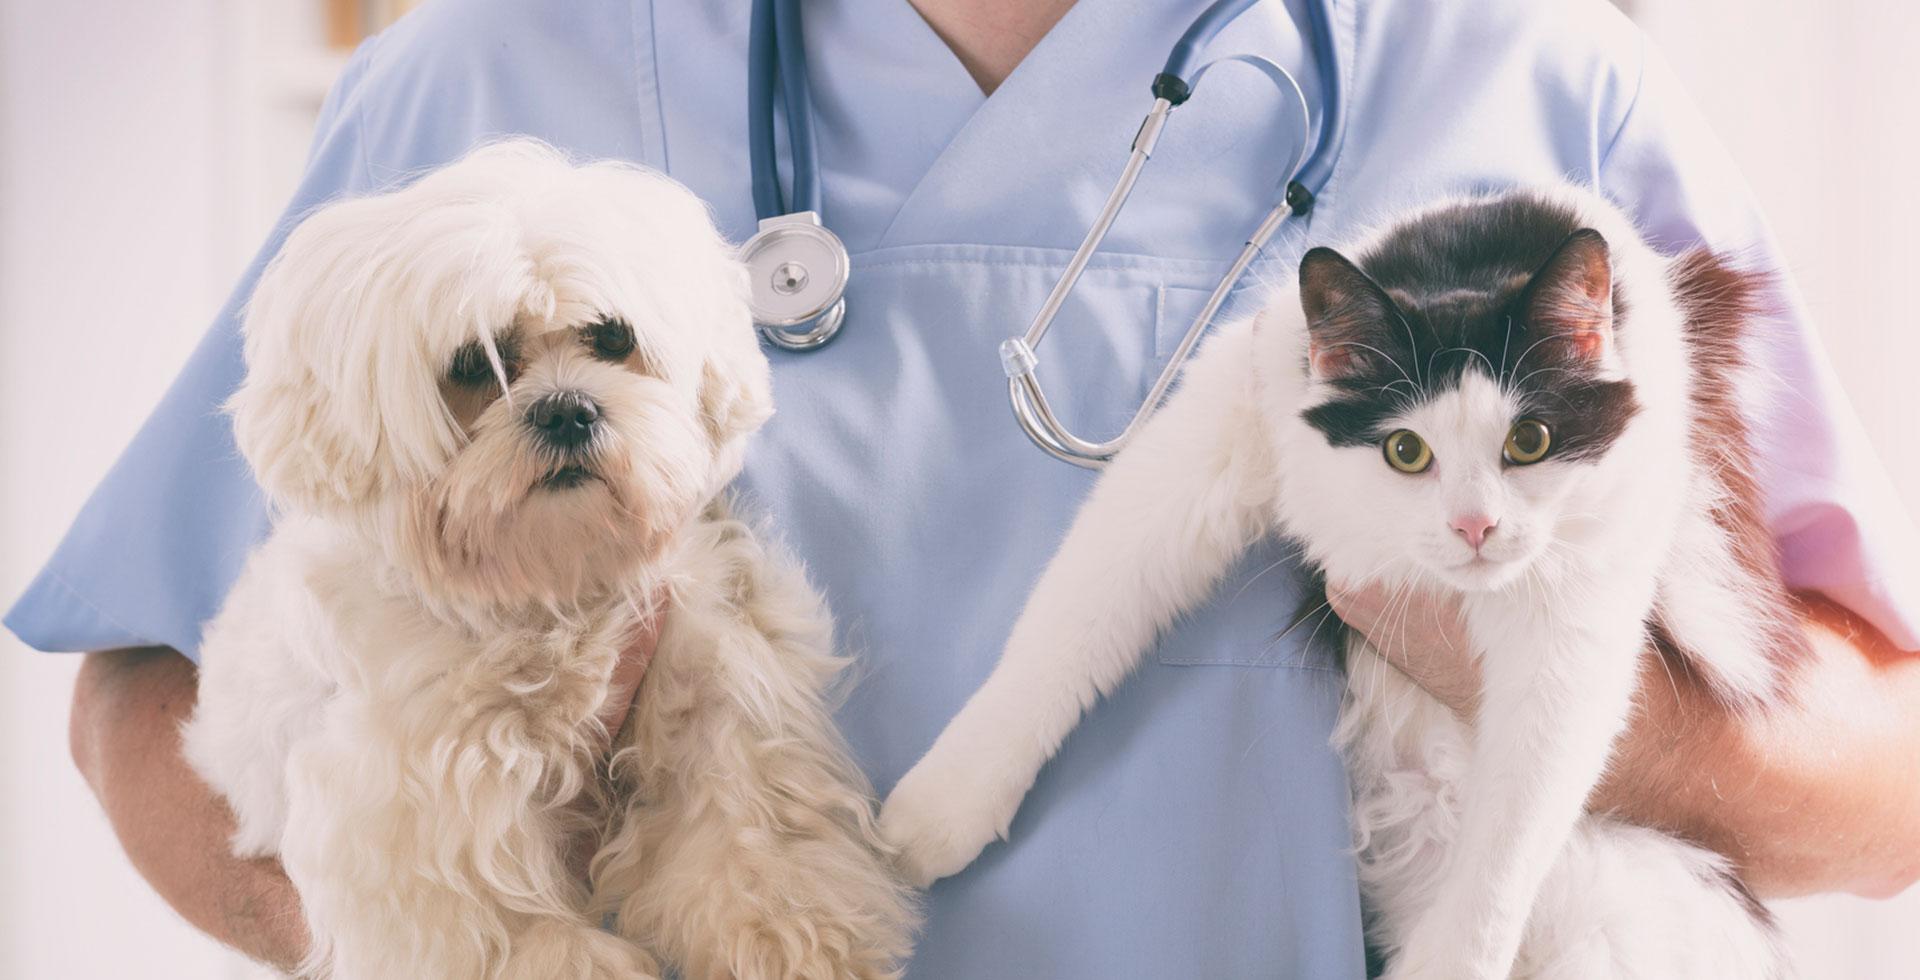 Dịch vụ chăm sóc thú cưng - ý tưởng kinh doanh không cần nhiều vốn